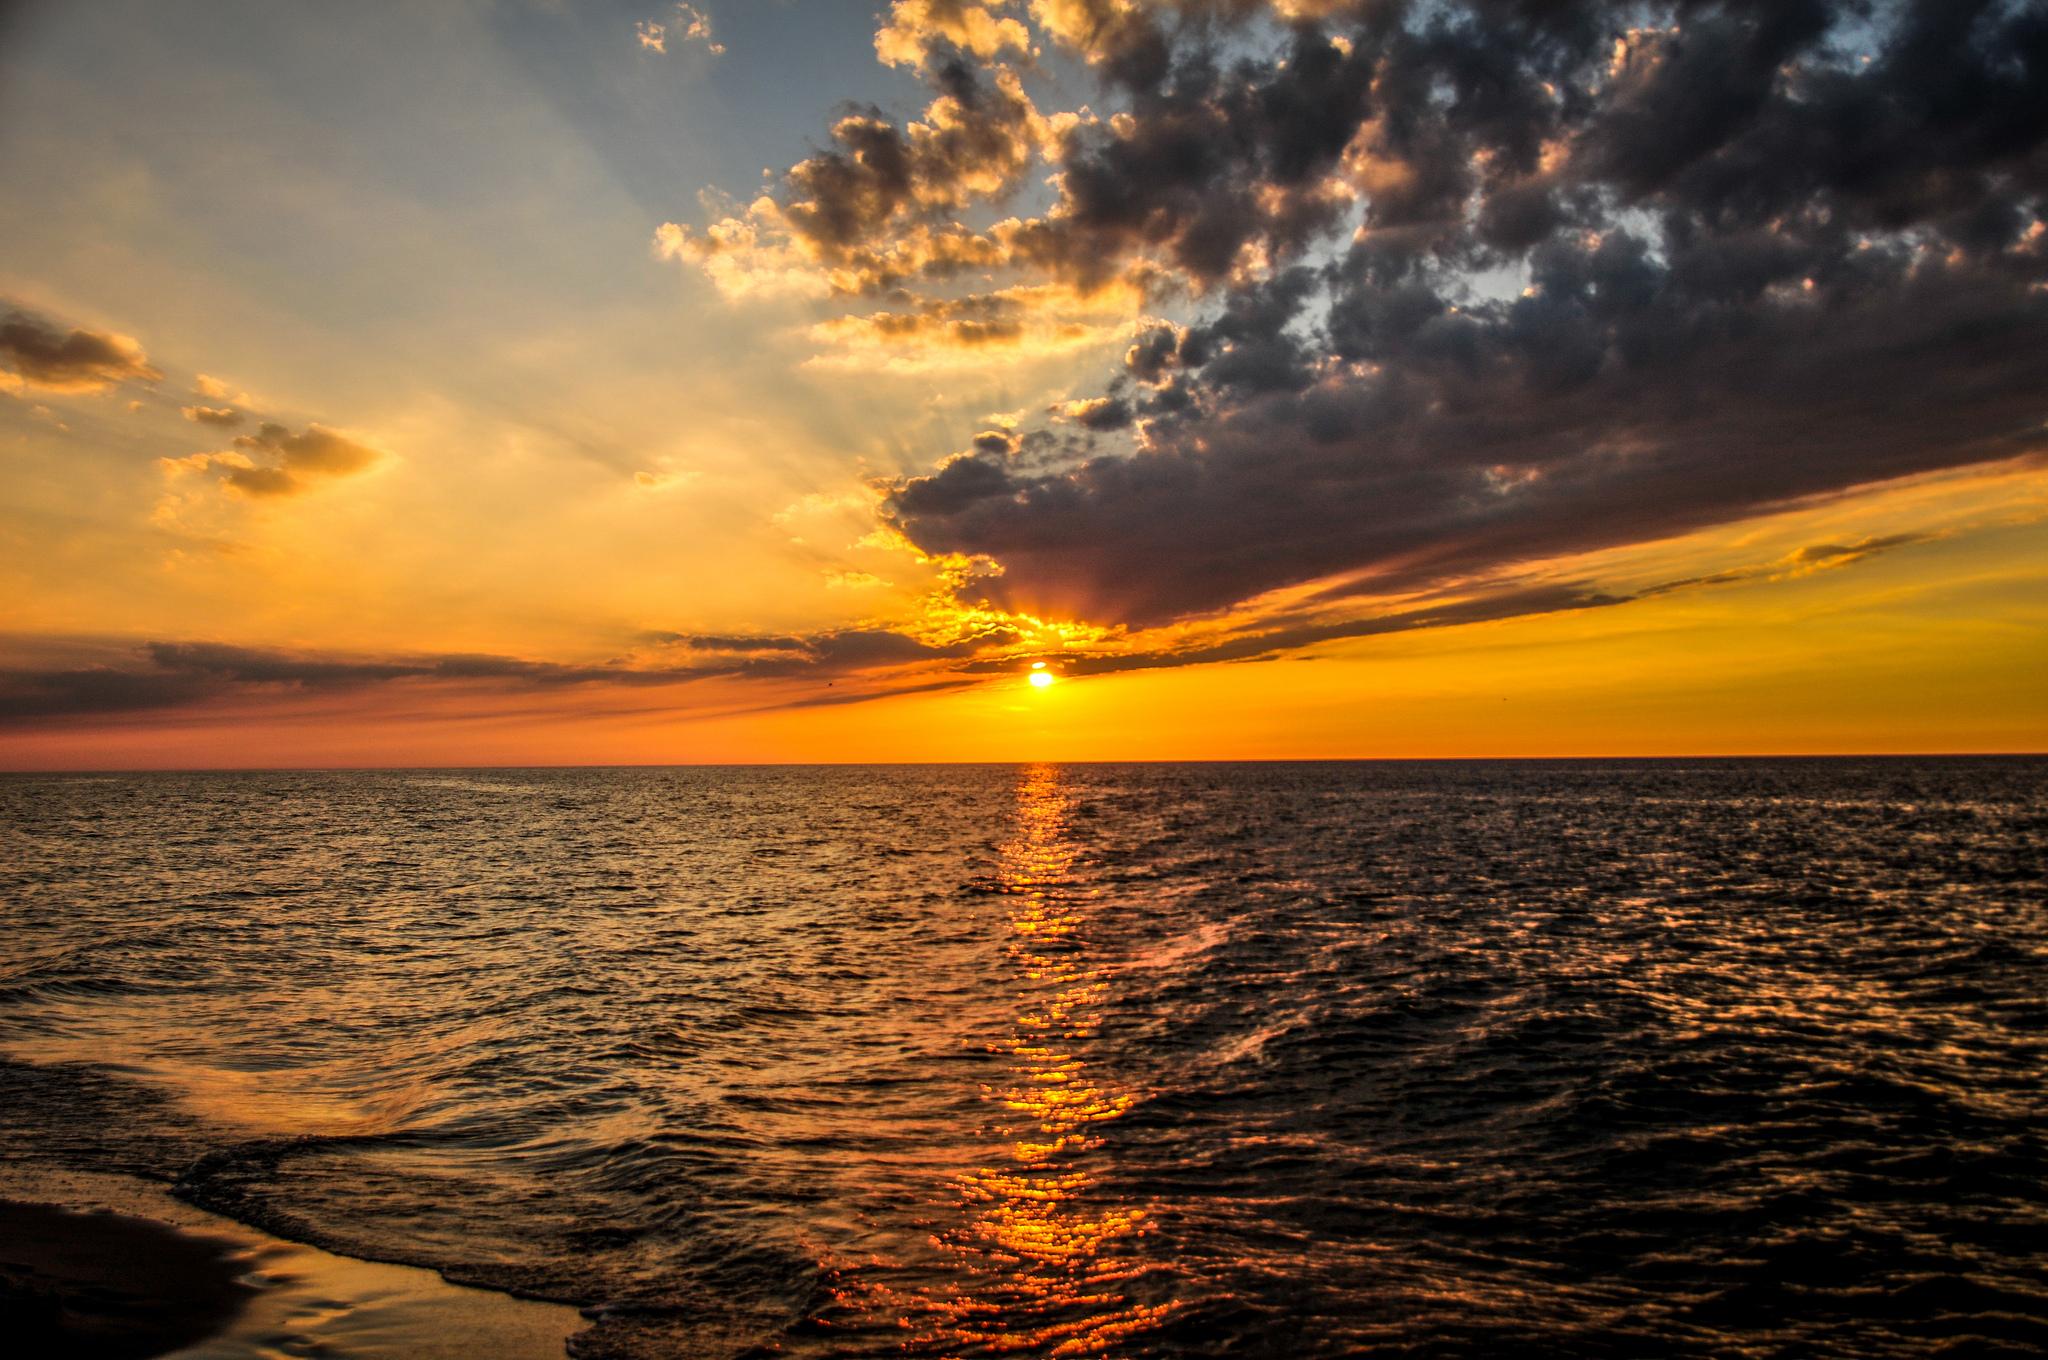 日没が遅い海外のカラクリ!旅行中に注意したいサマータイム